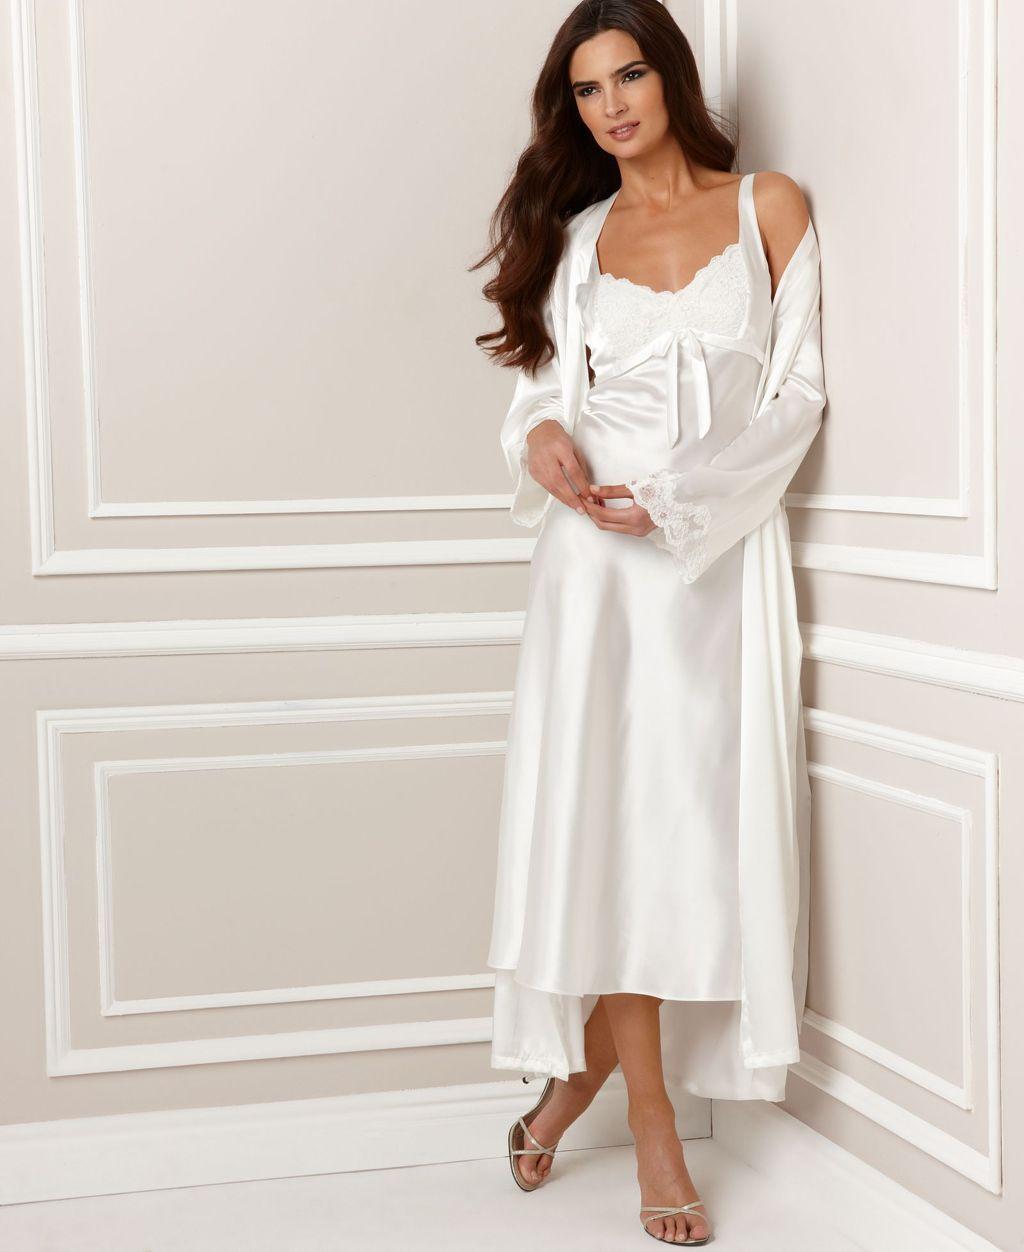 بالصور ملابس نوم للعرايس , اجمل ملابس النوم لللعروس2019 3636 8